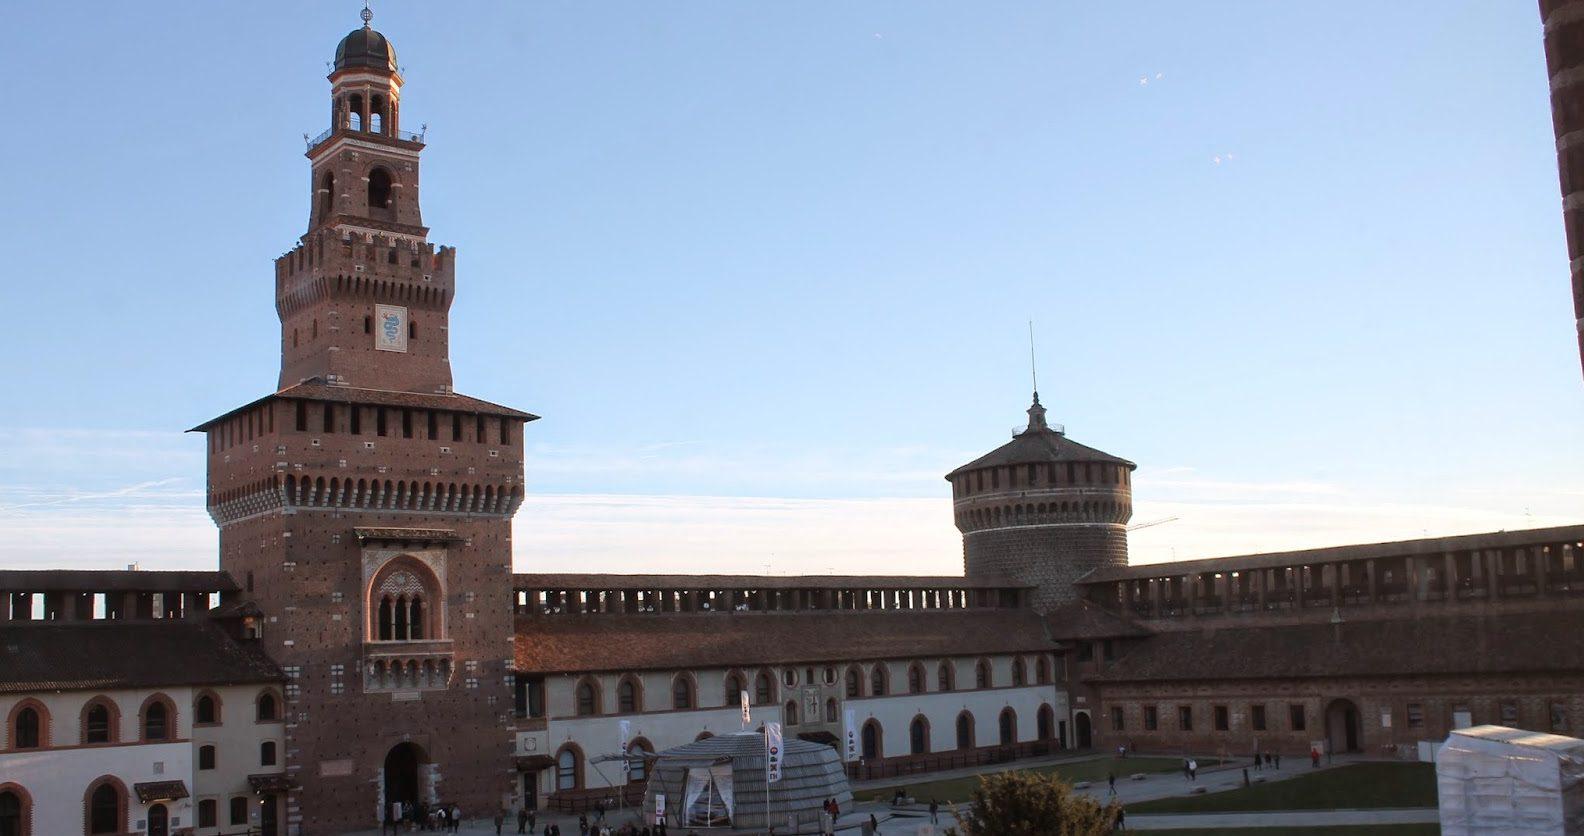 Castello Sforzesco ferragosto a Milano